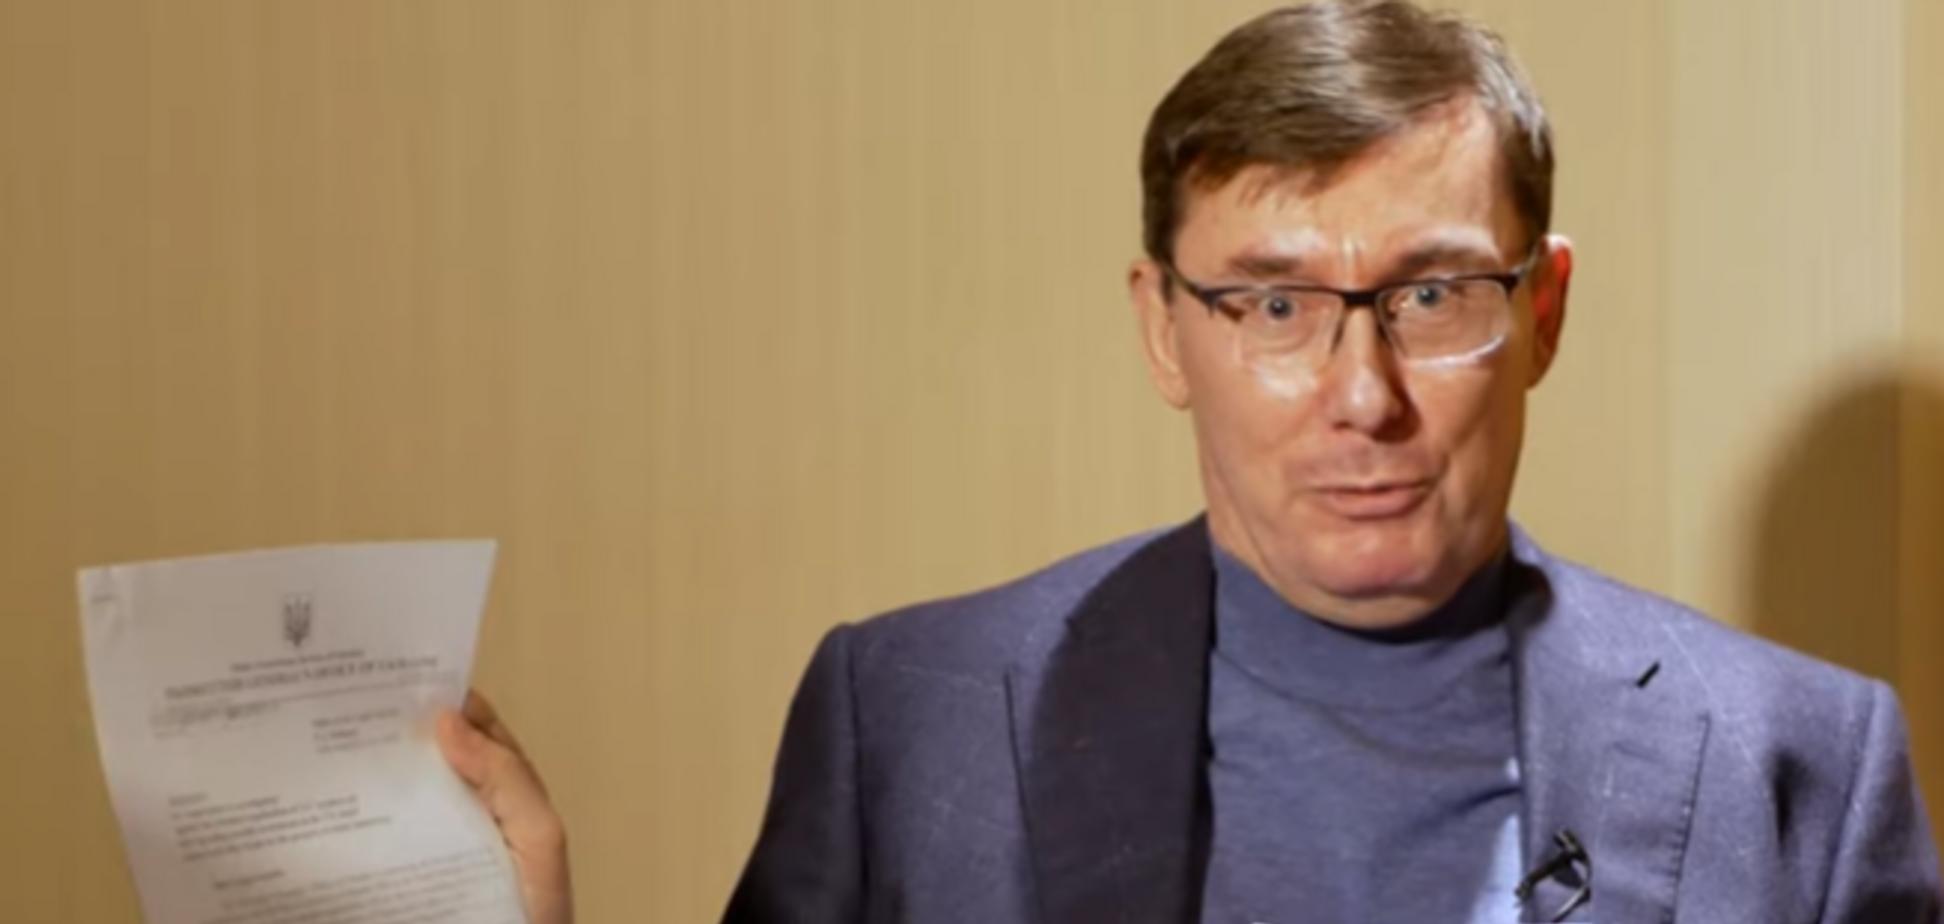 Луценко предоставил документы, обличающие ложь Йованович в Конгрессе. Видео